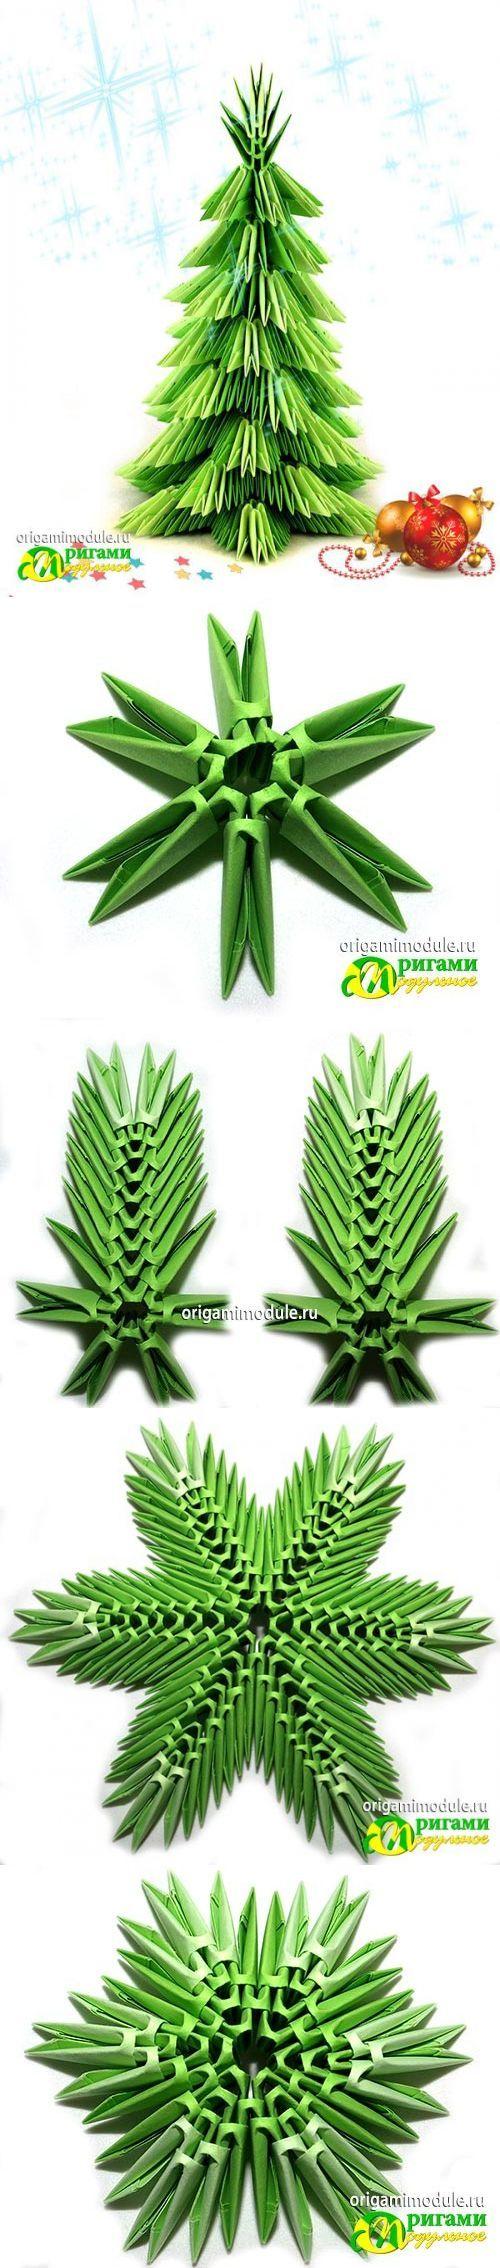 origamimodule.ru